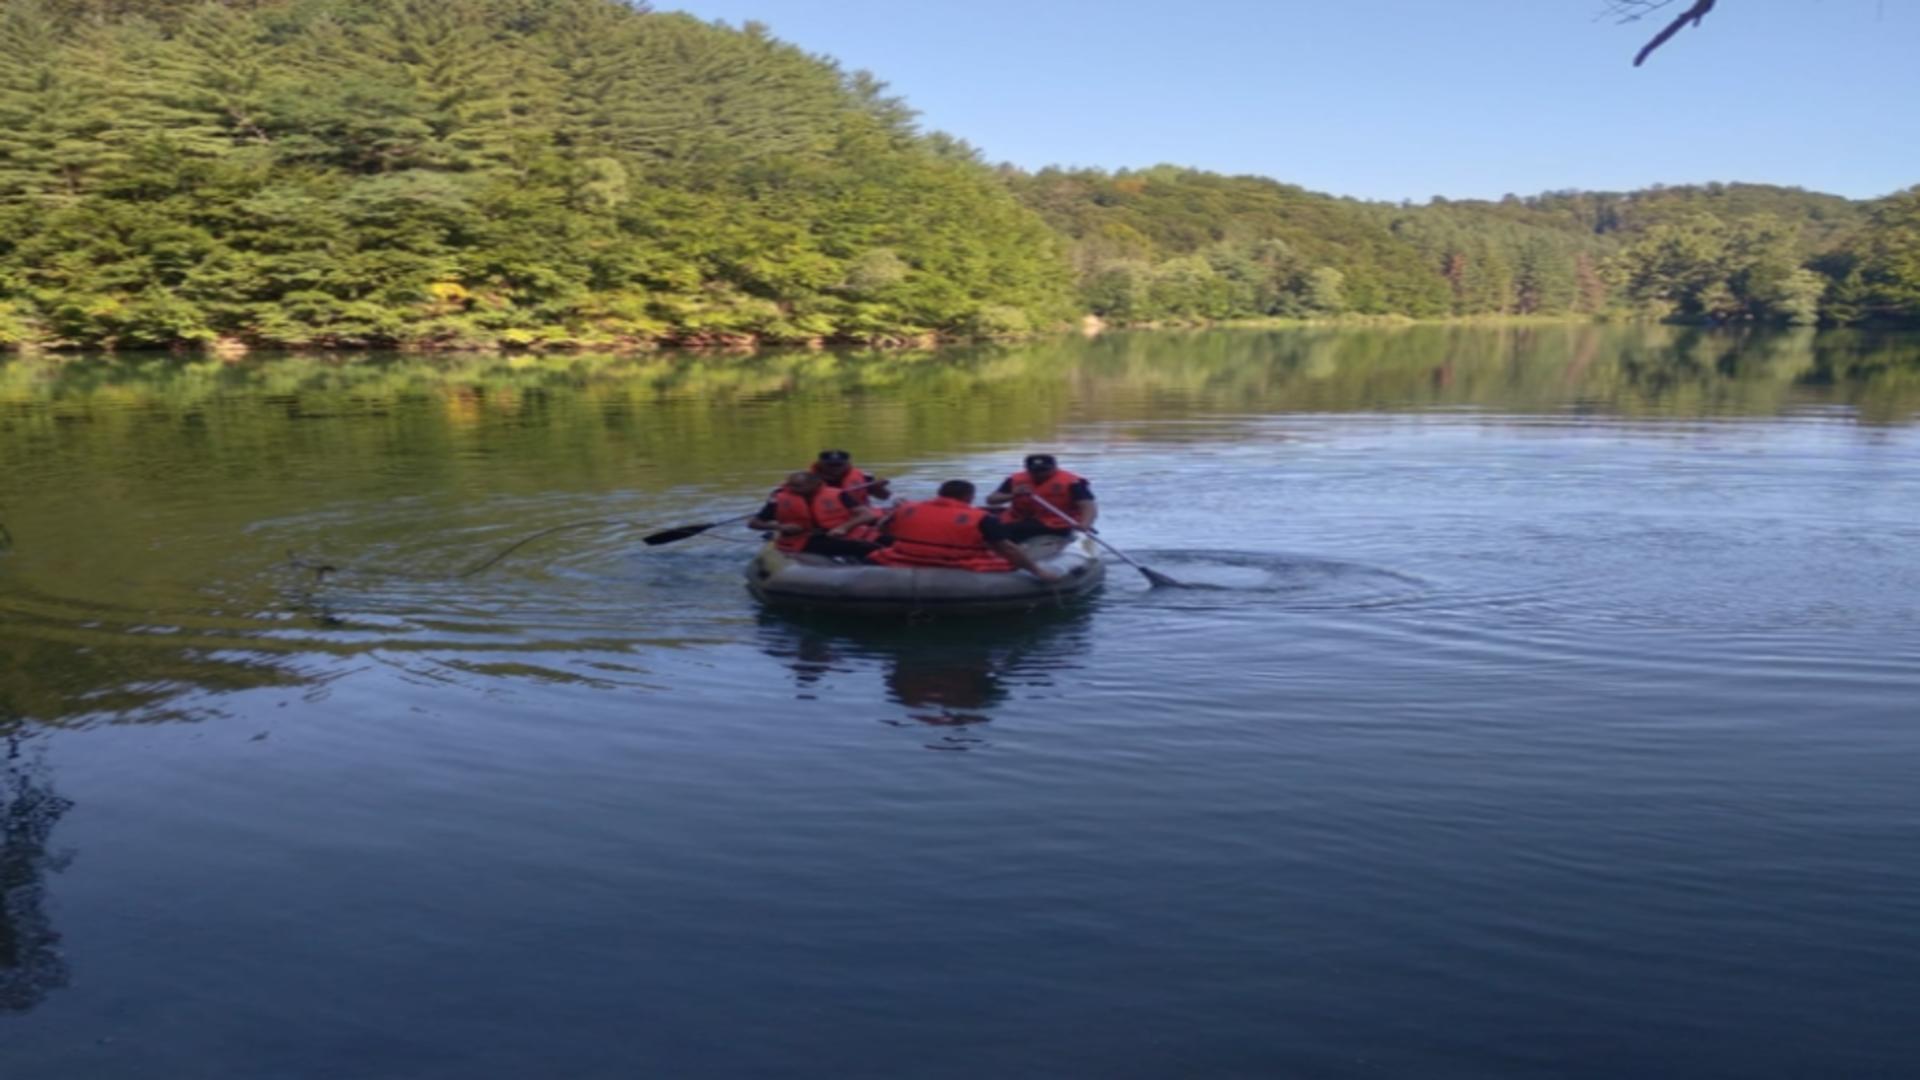 Căutări bărbat căzut din barcă, zona lacului Vida, jud. Bihor